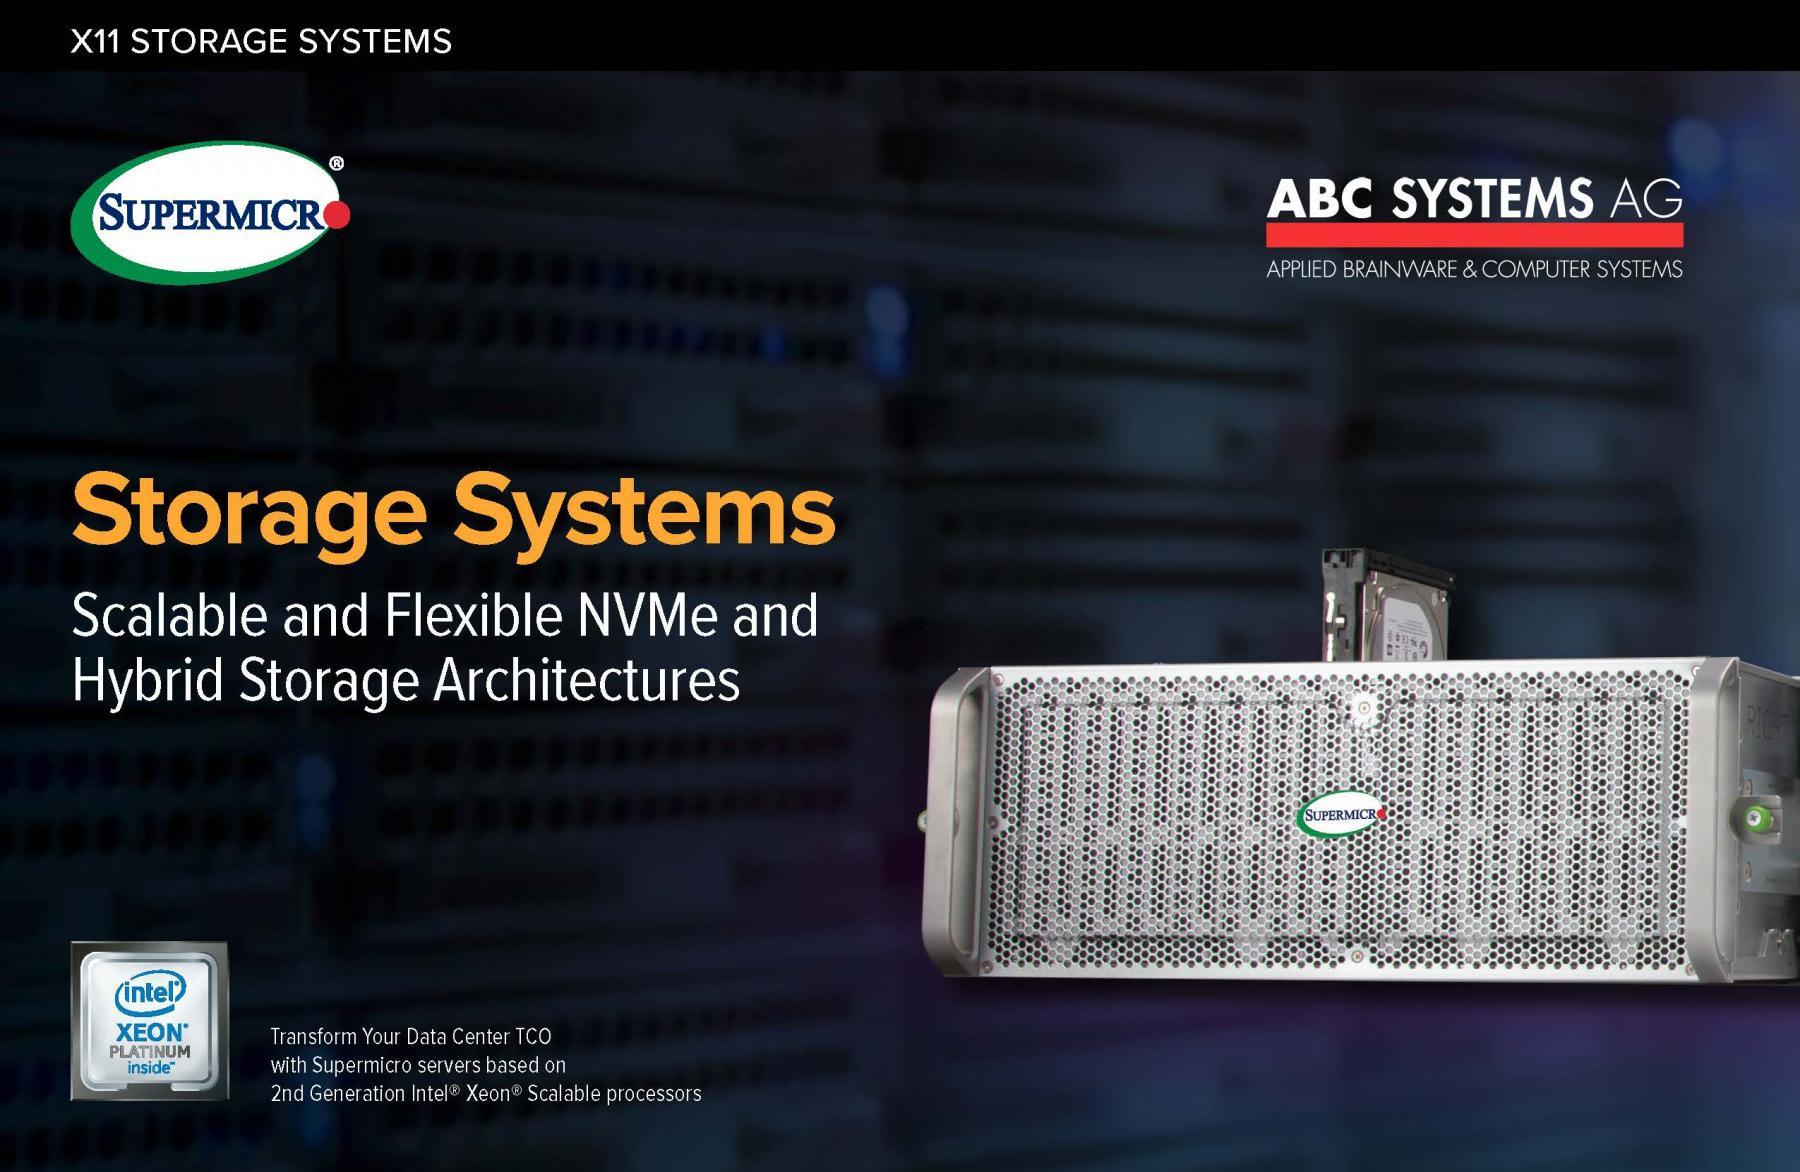 smci storage brochure 2020 ABC 1